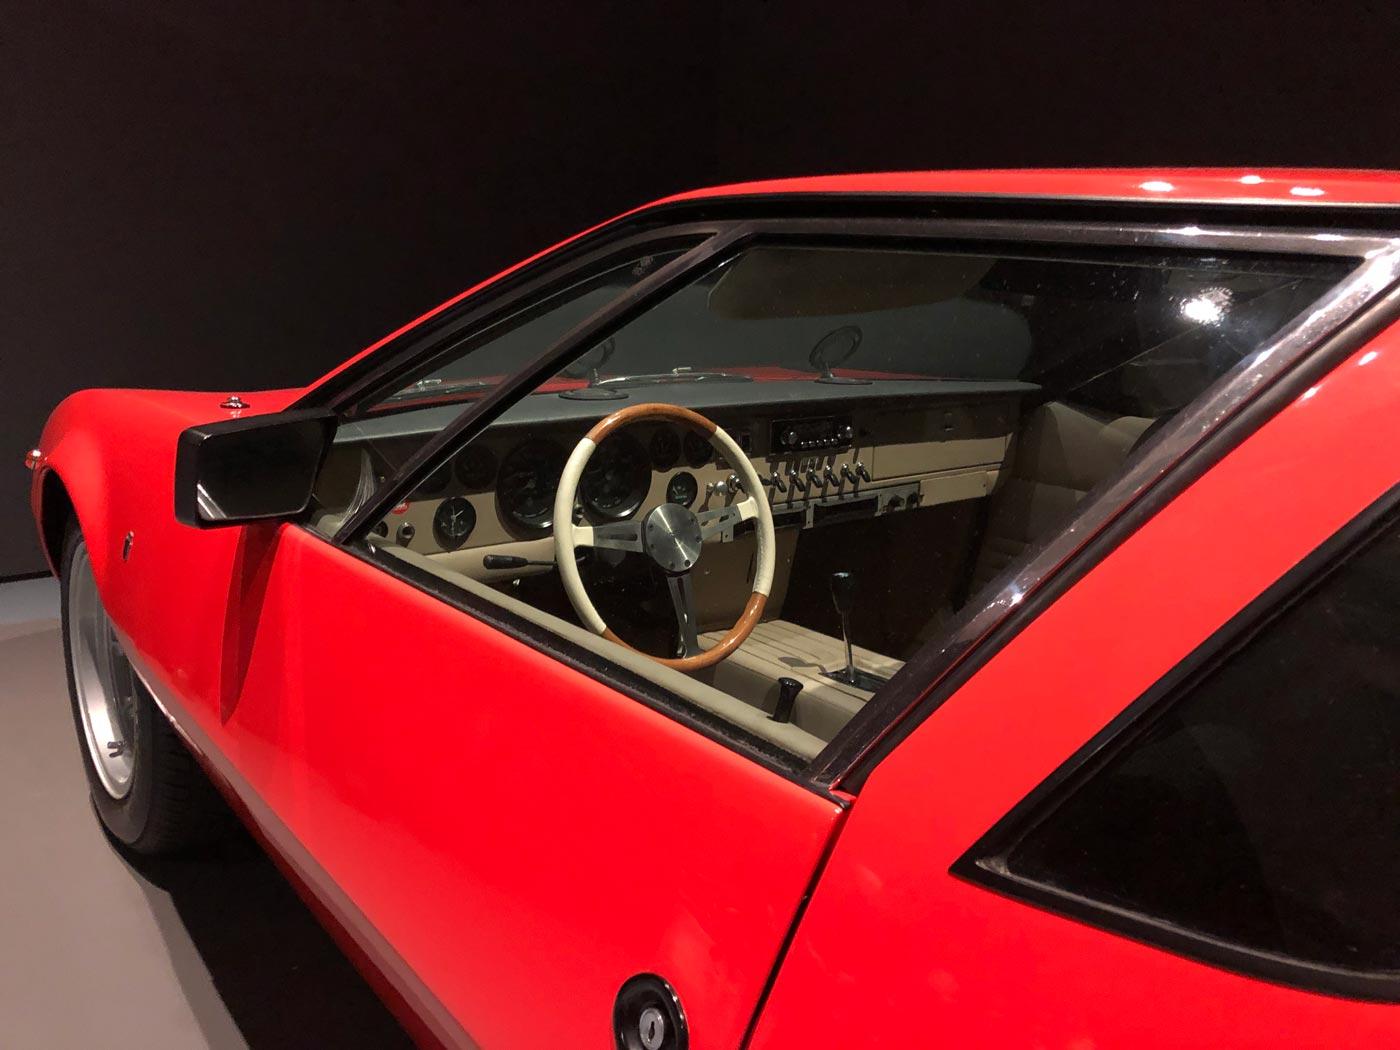 Fahrerseite eines roten Sportwagens